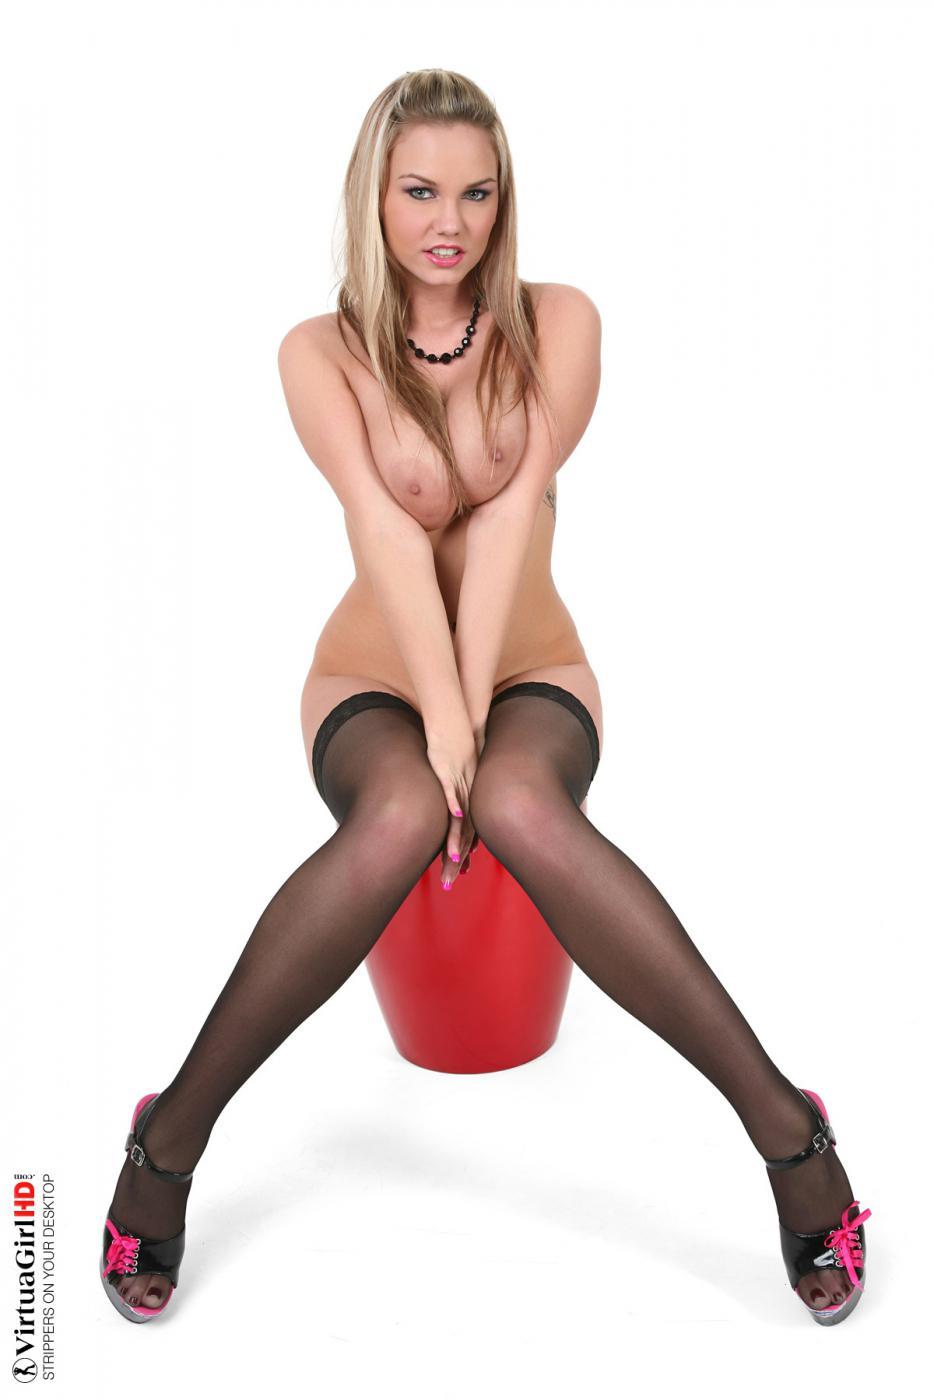 Соблазнительная тетка Eliska спускает обтягивающее платье и остается в сексуальных гольфах. Порно тетка.